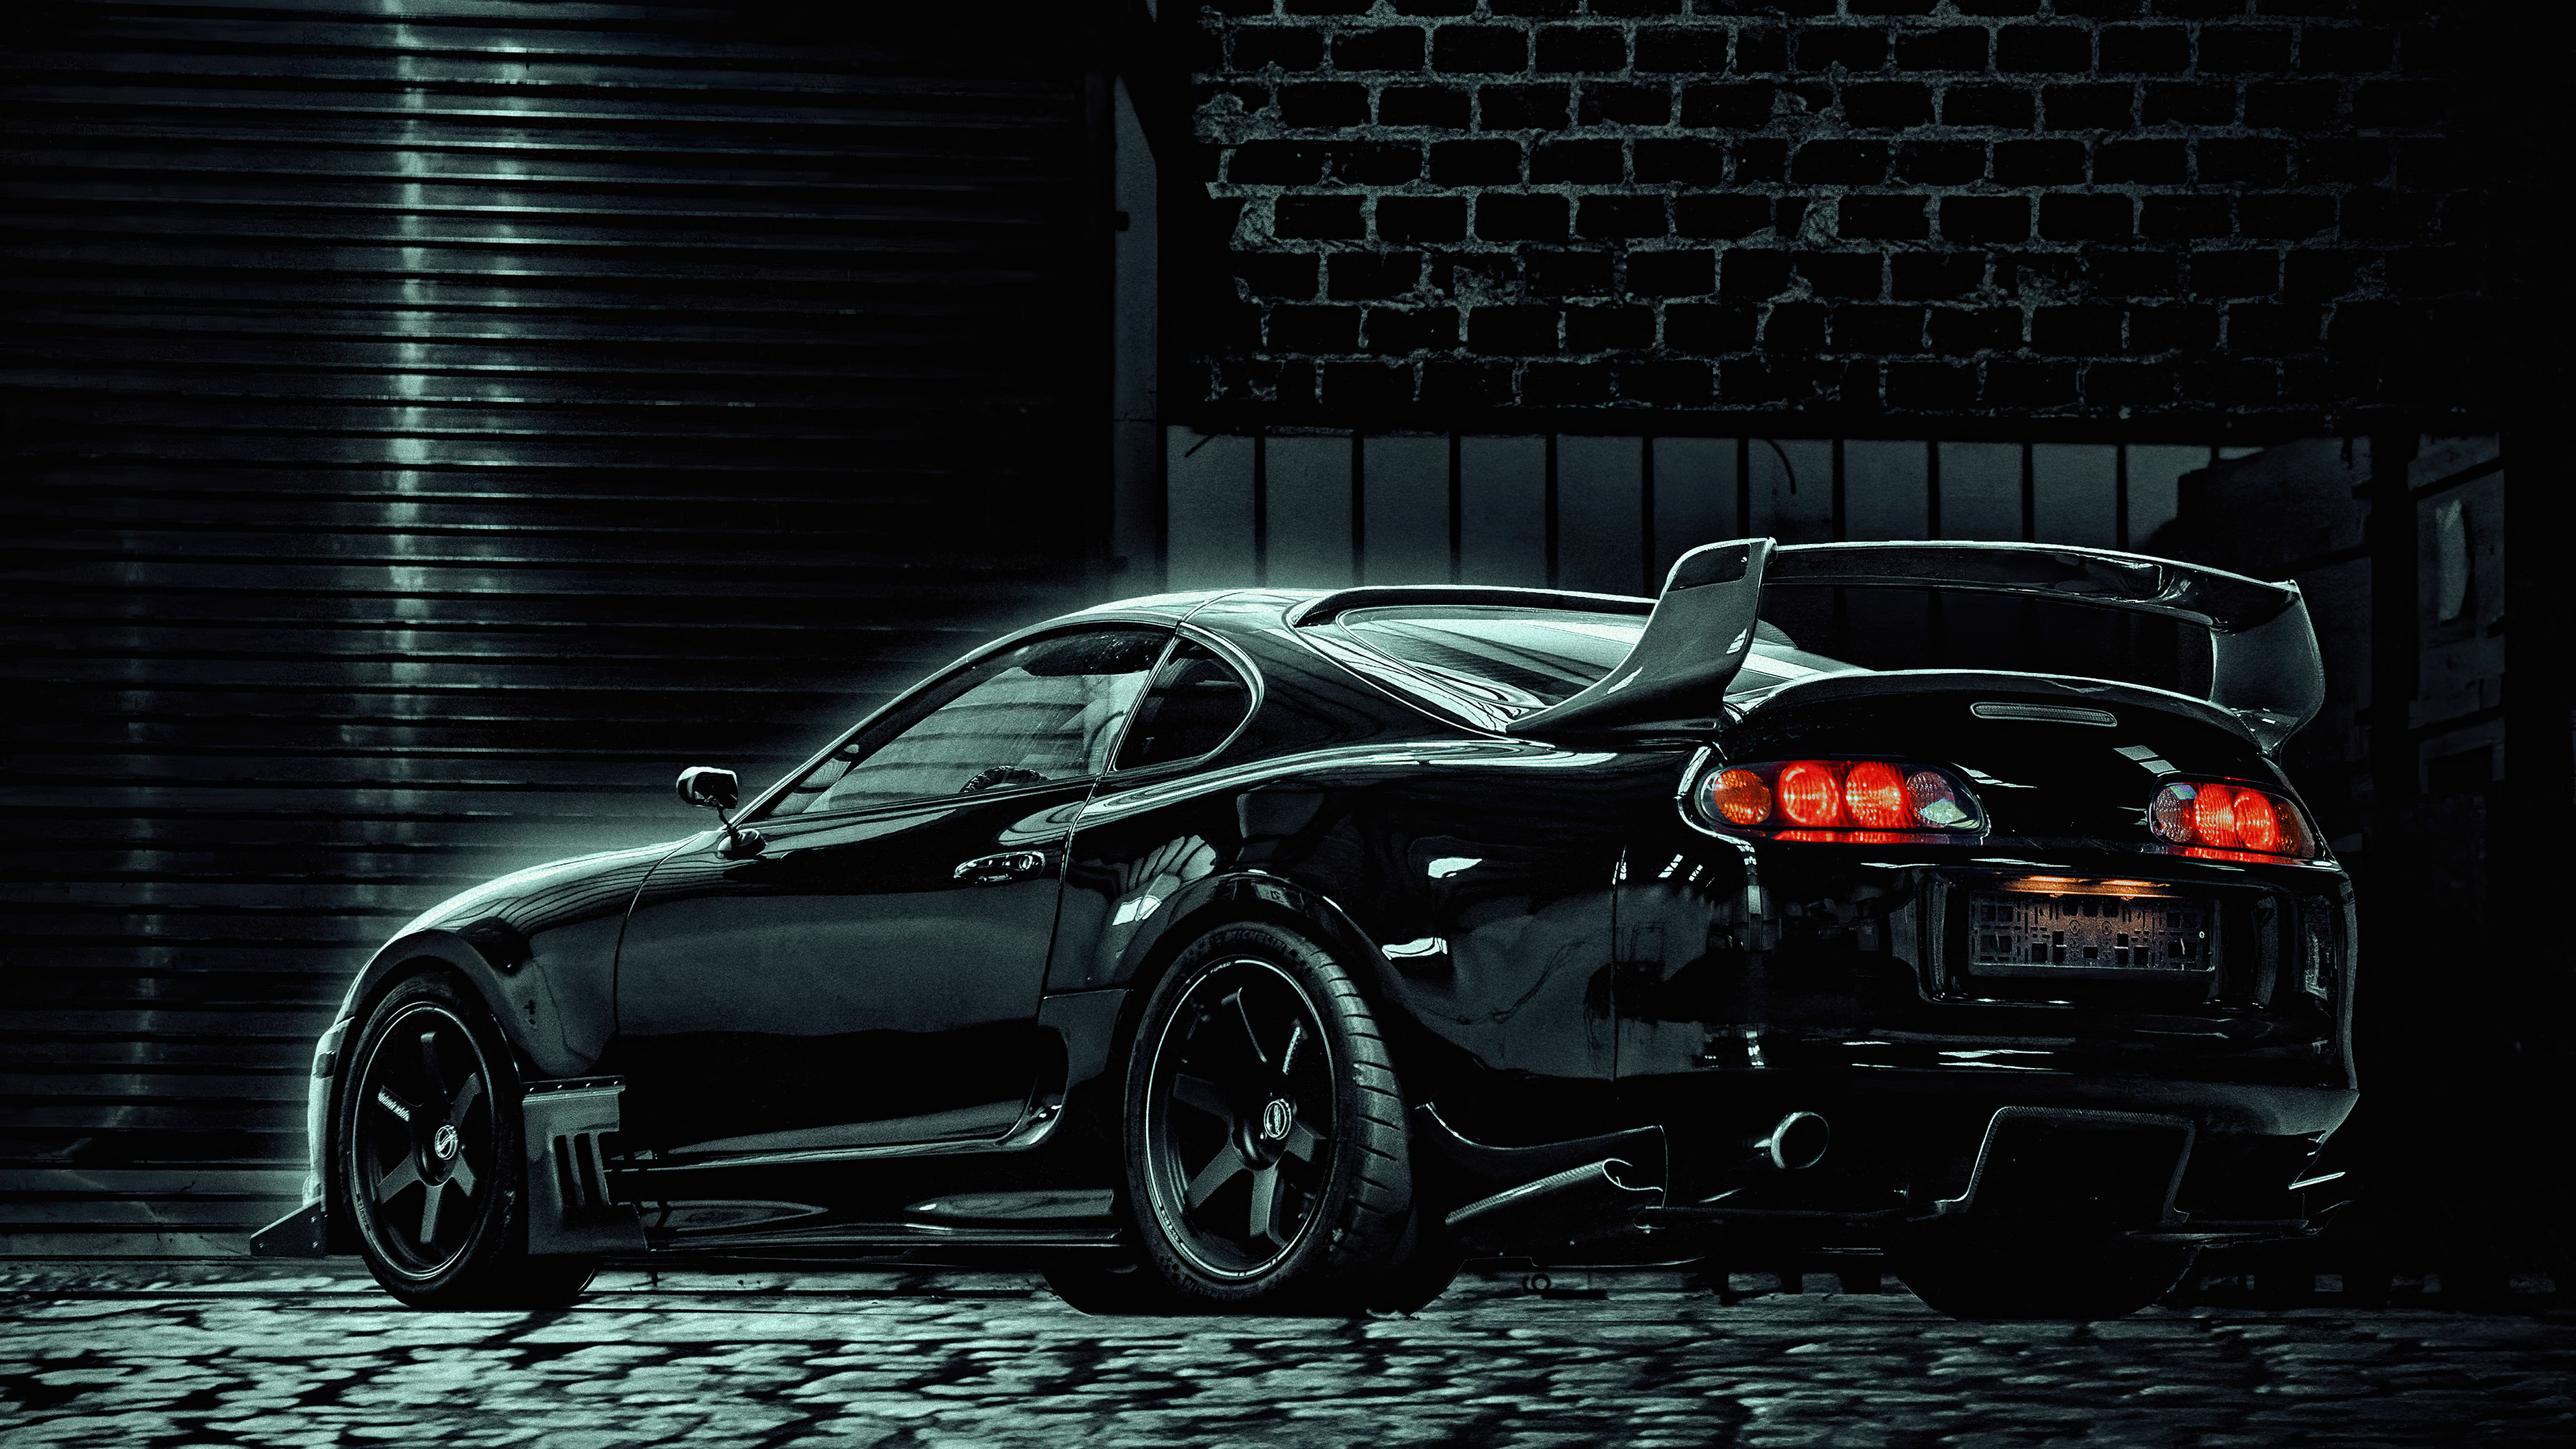 toyota supra black 4k 1618920194 - Toyota Supra Black 4k - Toyota Supra Black 4k wallpapers